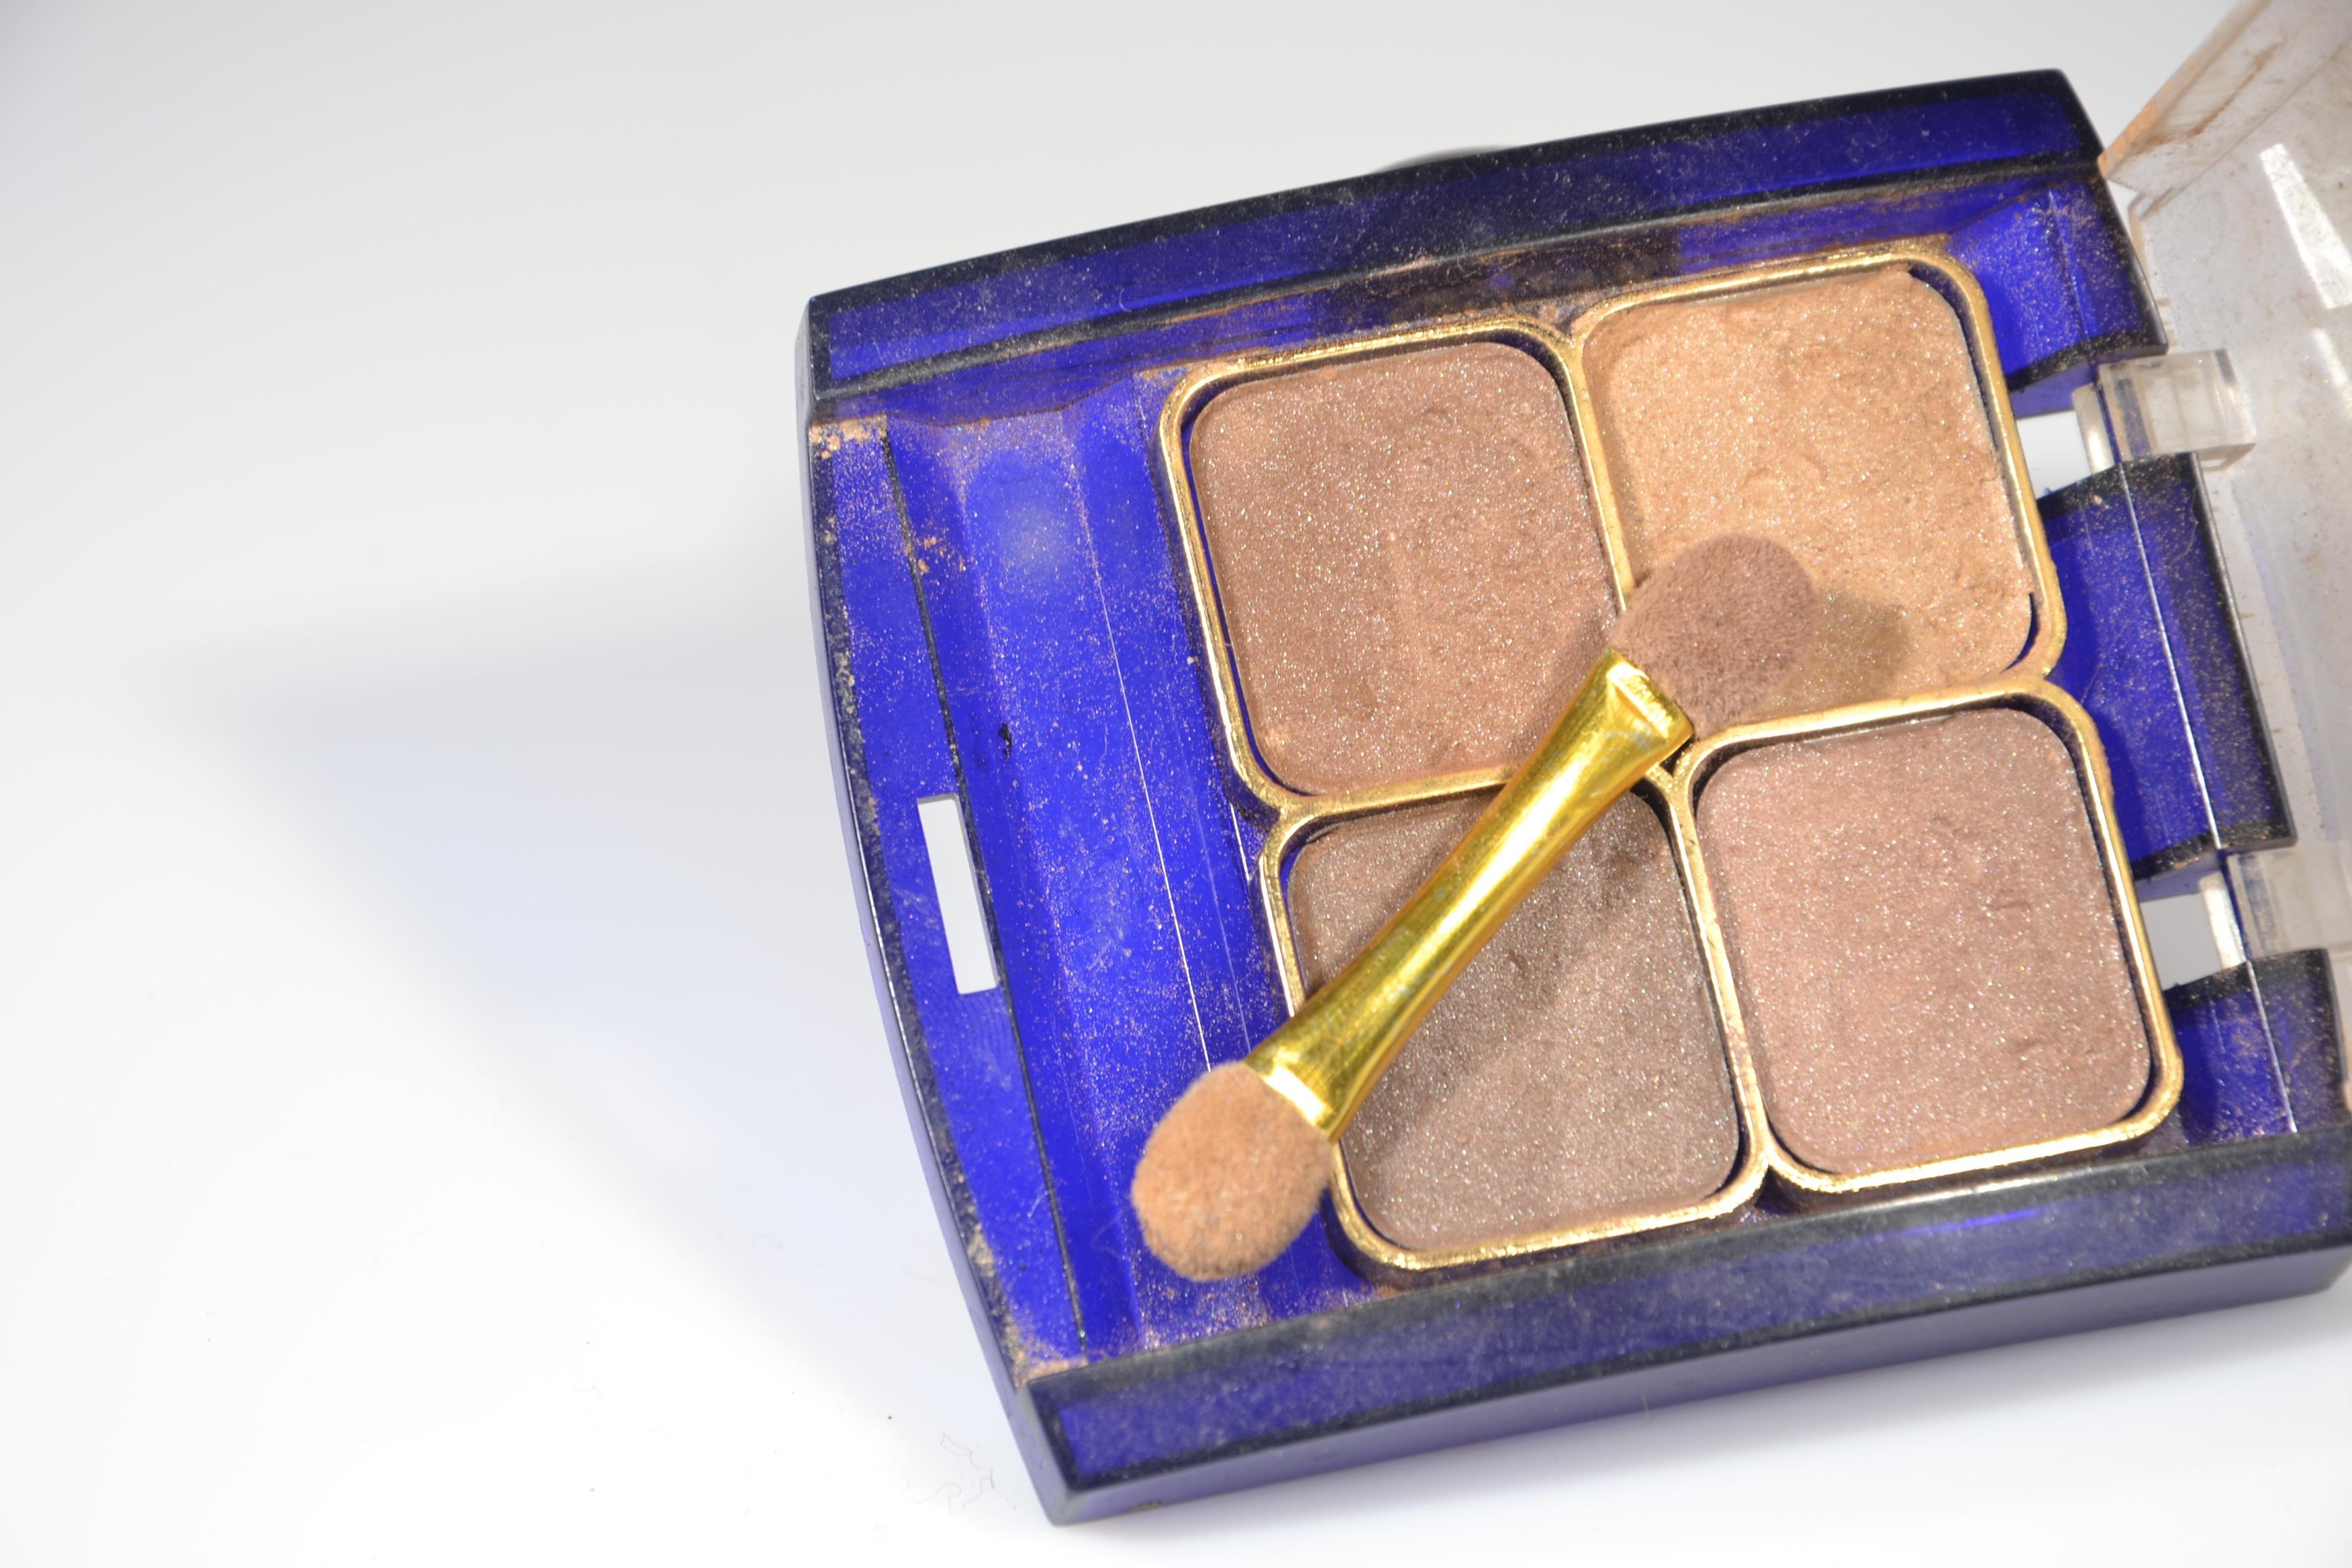 mano prpura sombra pintar azul maquillaje cuerpo humano ojo violeta organo productos cosmticos pintura del ojo